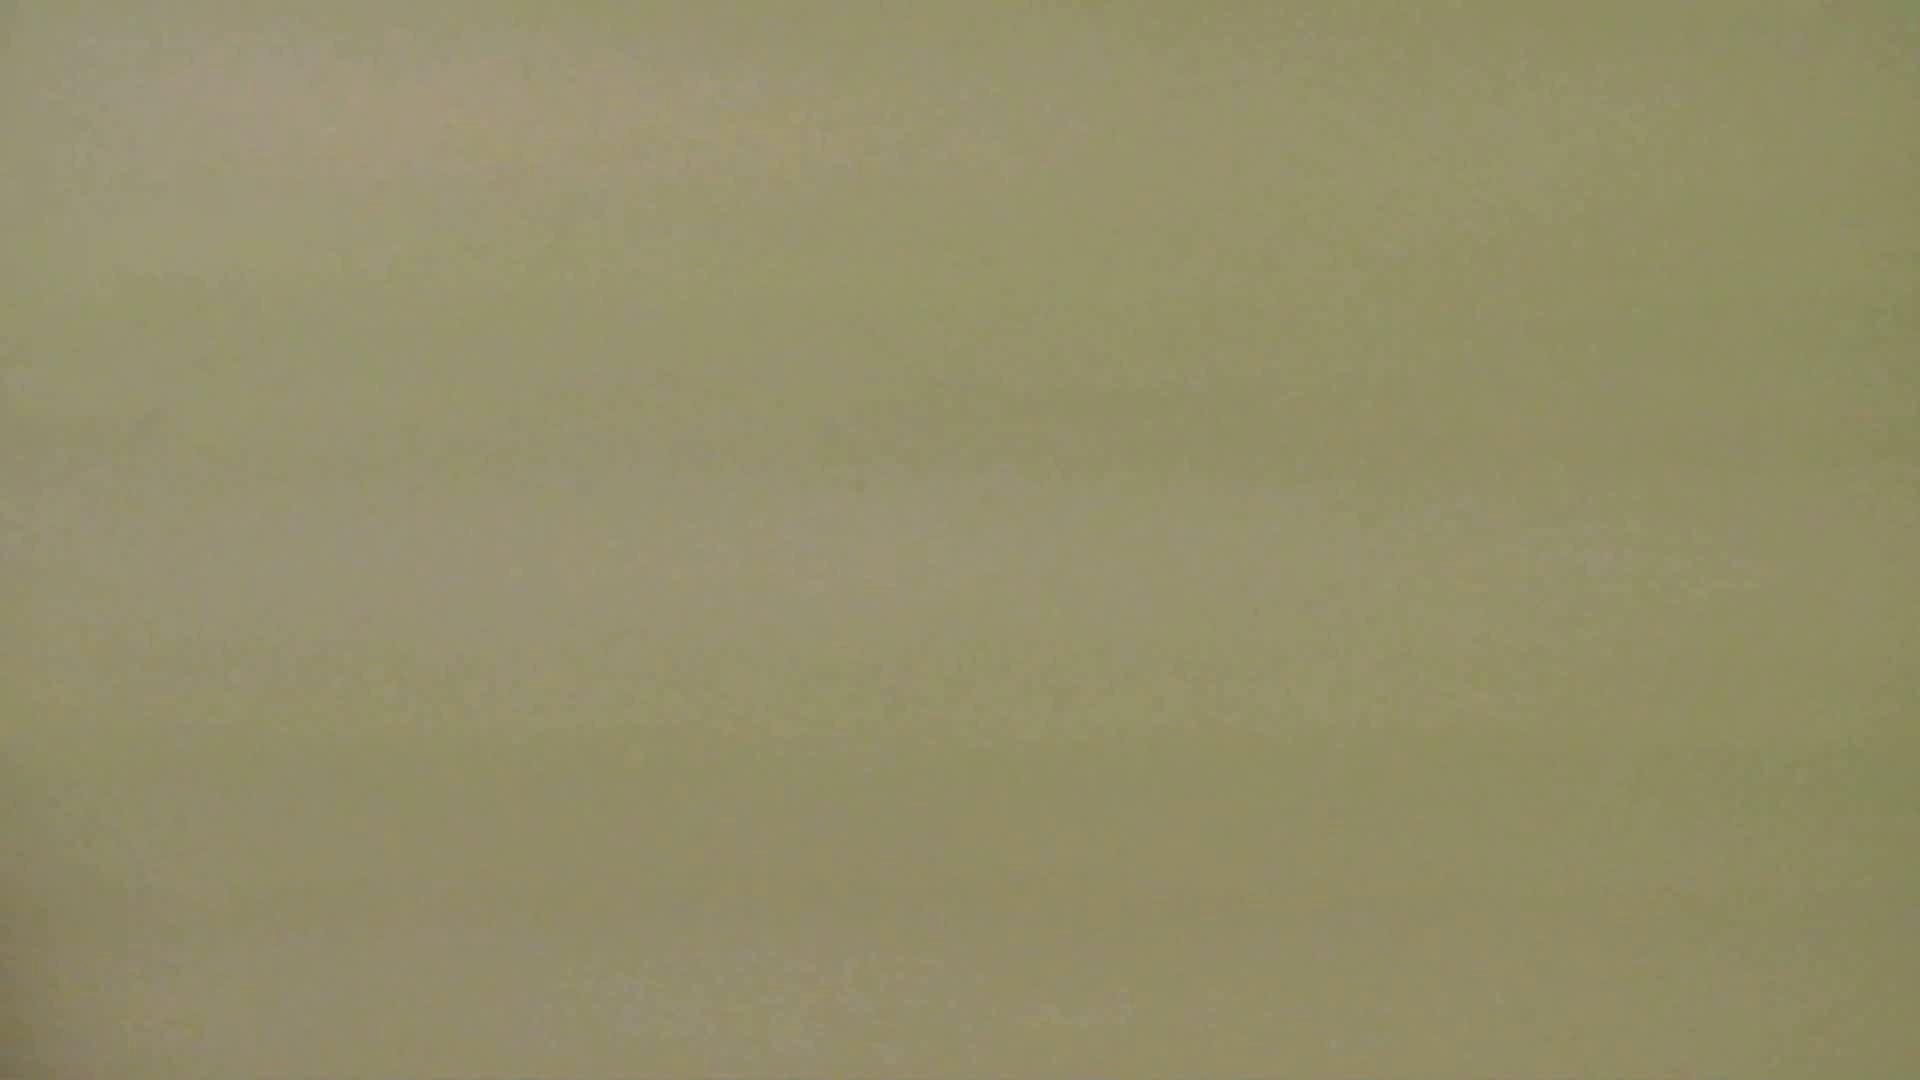 世界の射窓から vol.16 高画質 ヌード画像 102画像 94